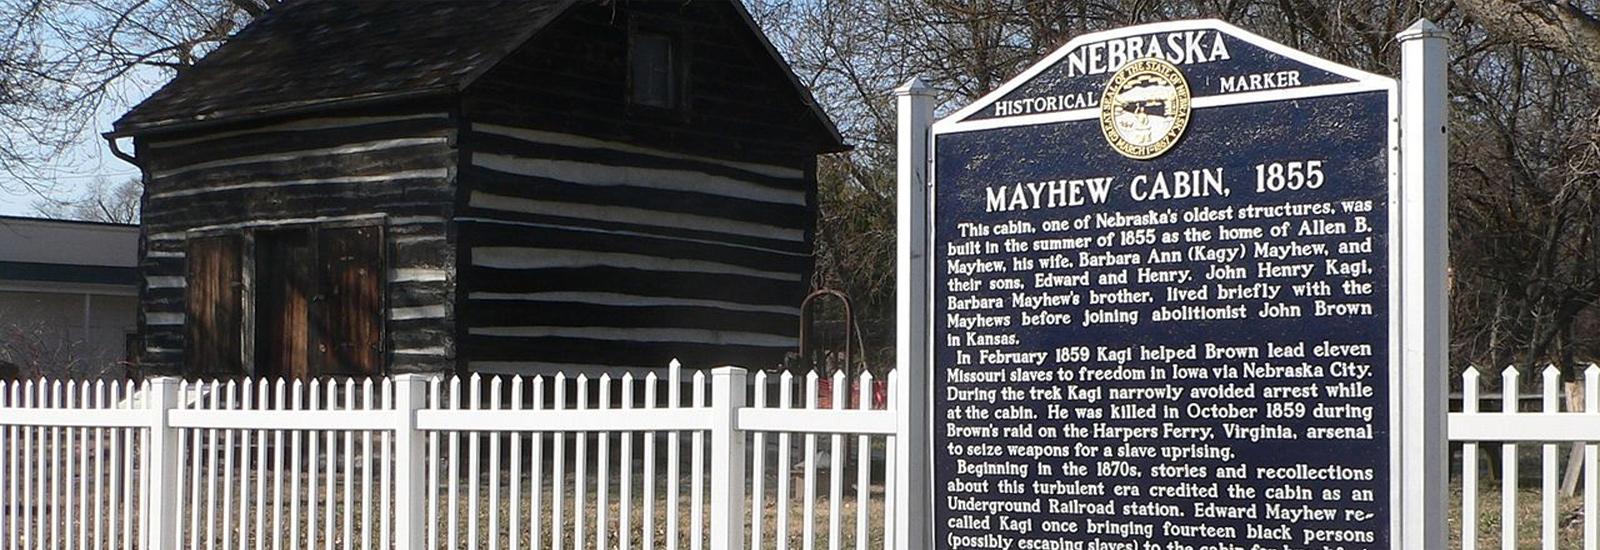 Mayhew Cabin